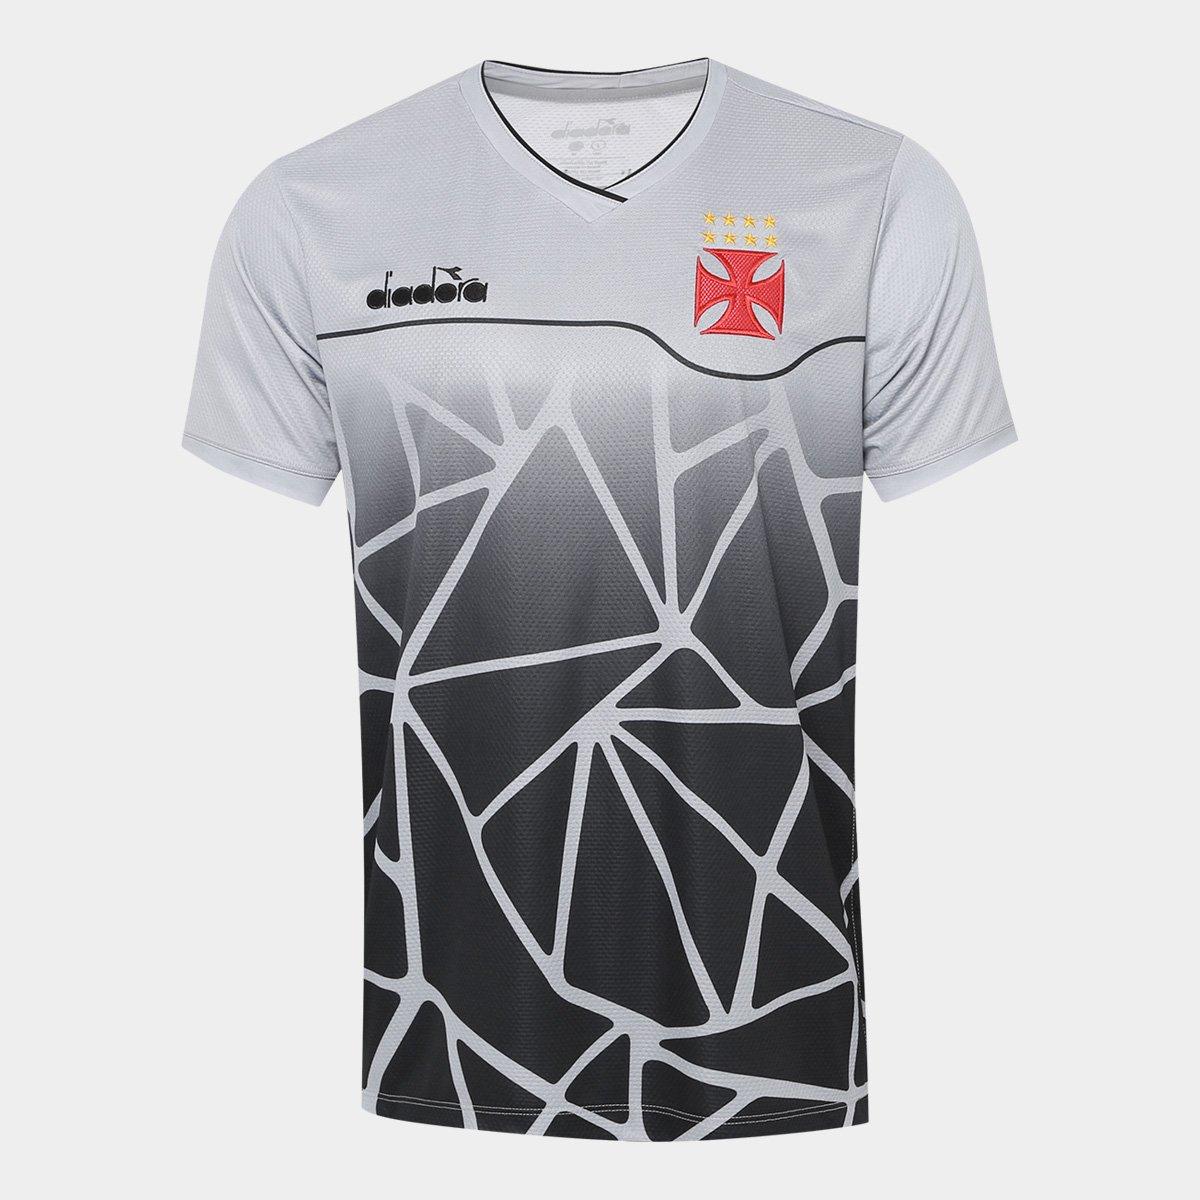 Camisa Vasco Treino 2018 Diadora Masculina - Cinza e Preto - Compre ... 75cd8783933af